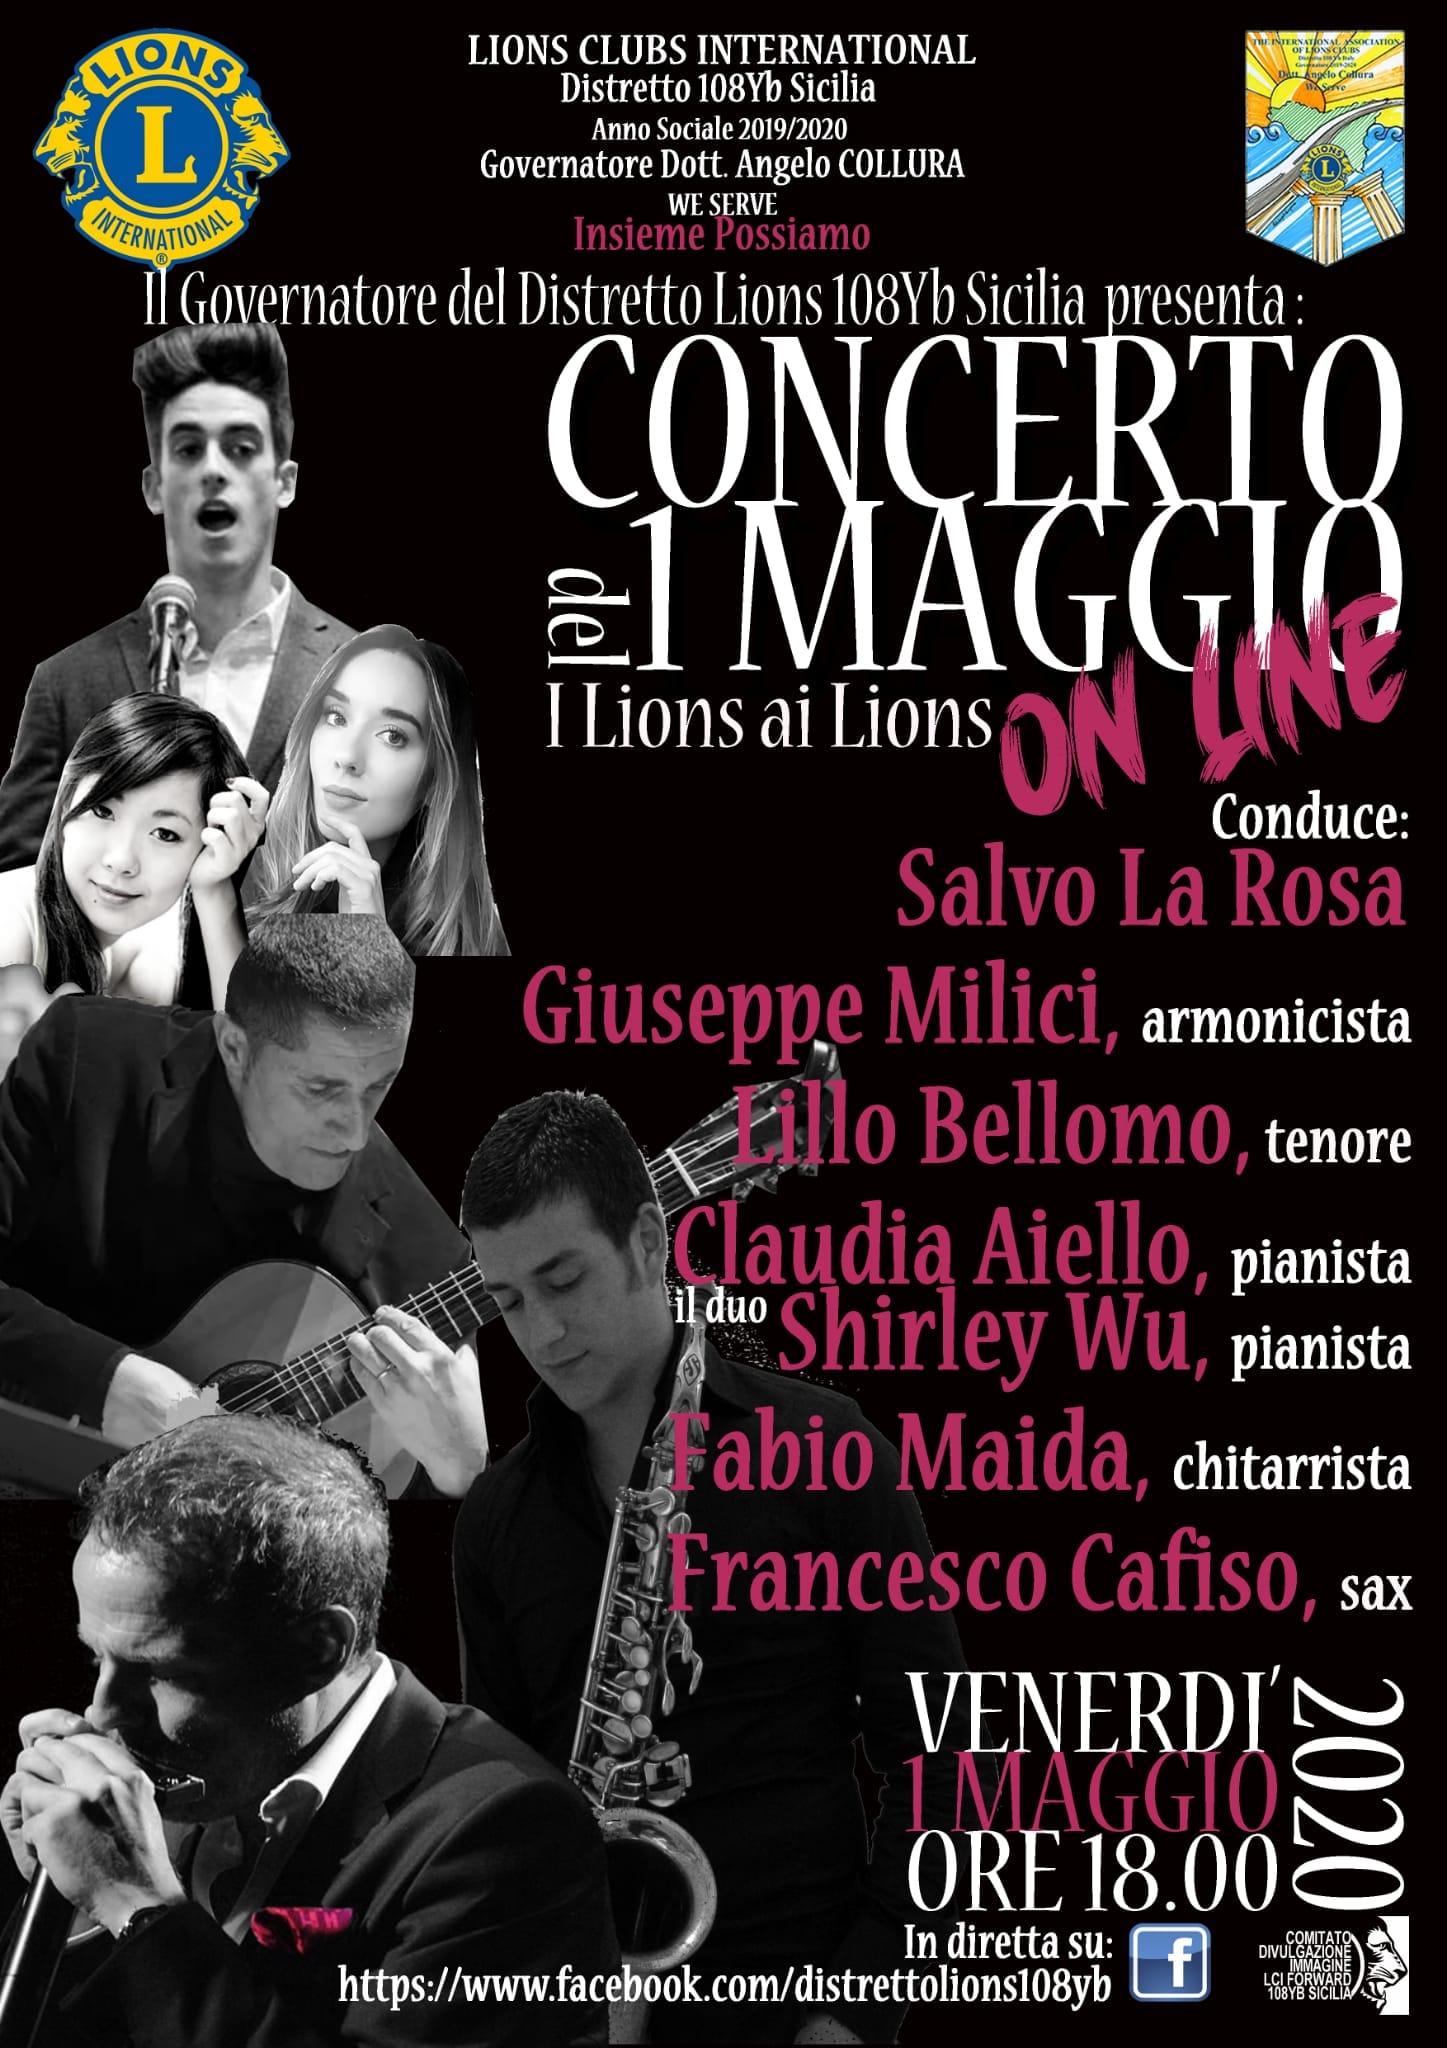 Lions siciliani, concerto in diretta Facebook del 1° maggio con grandi artisti